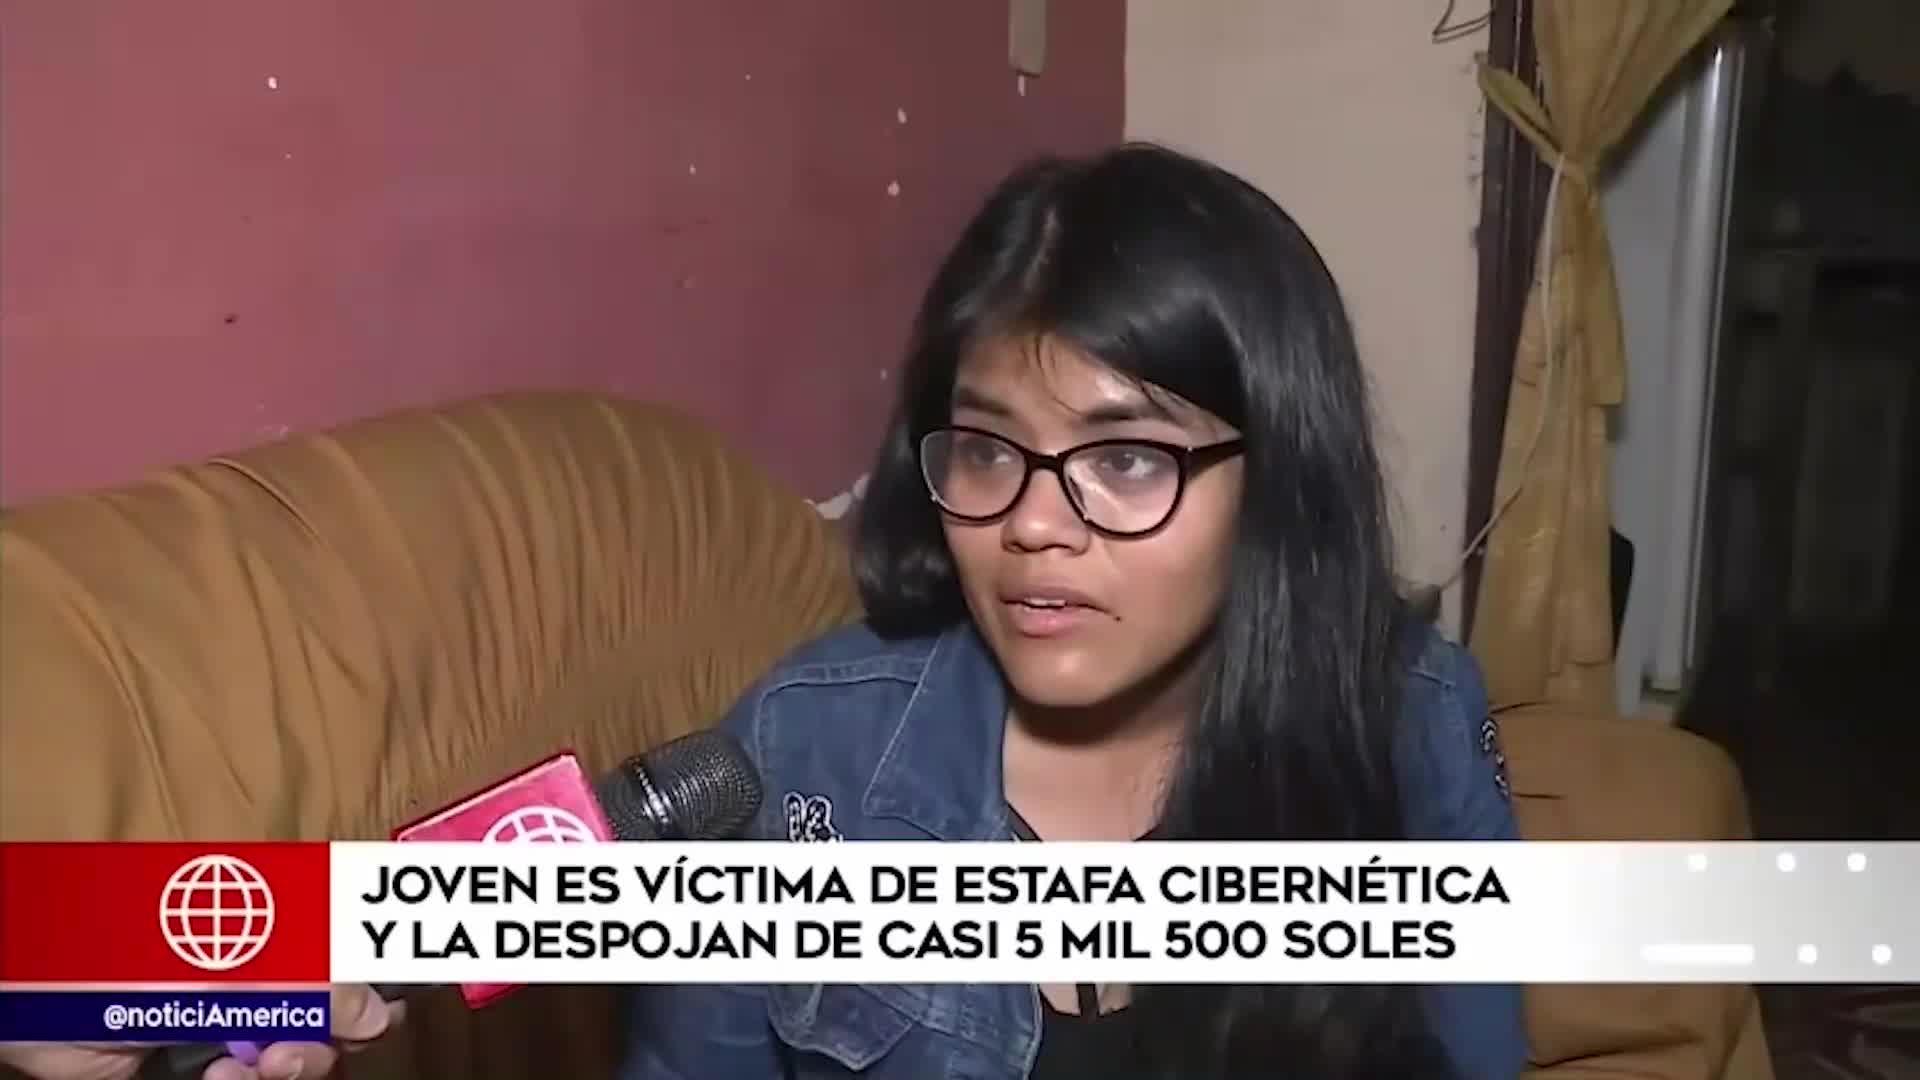 Mujer fue víctima de delincuentes cibernéticos y le robaron más de 5 mil soles